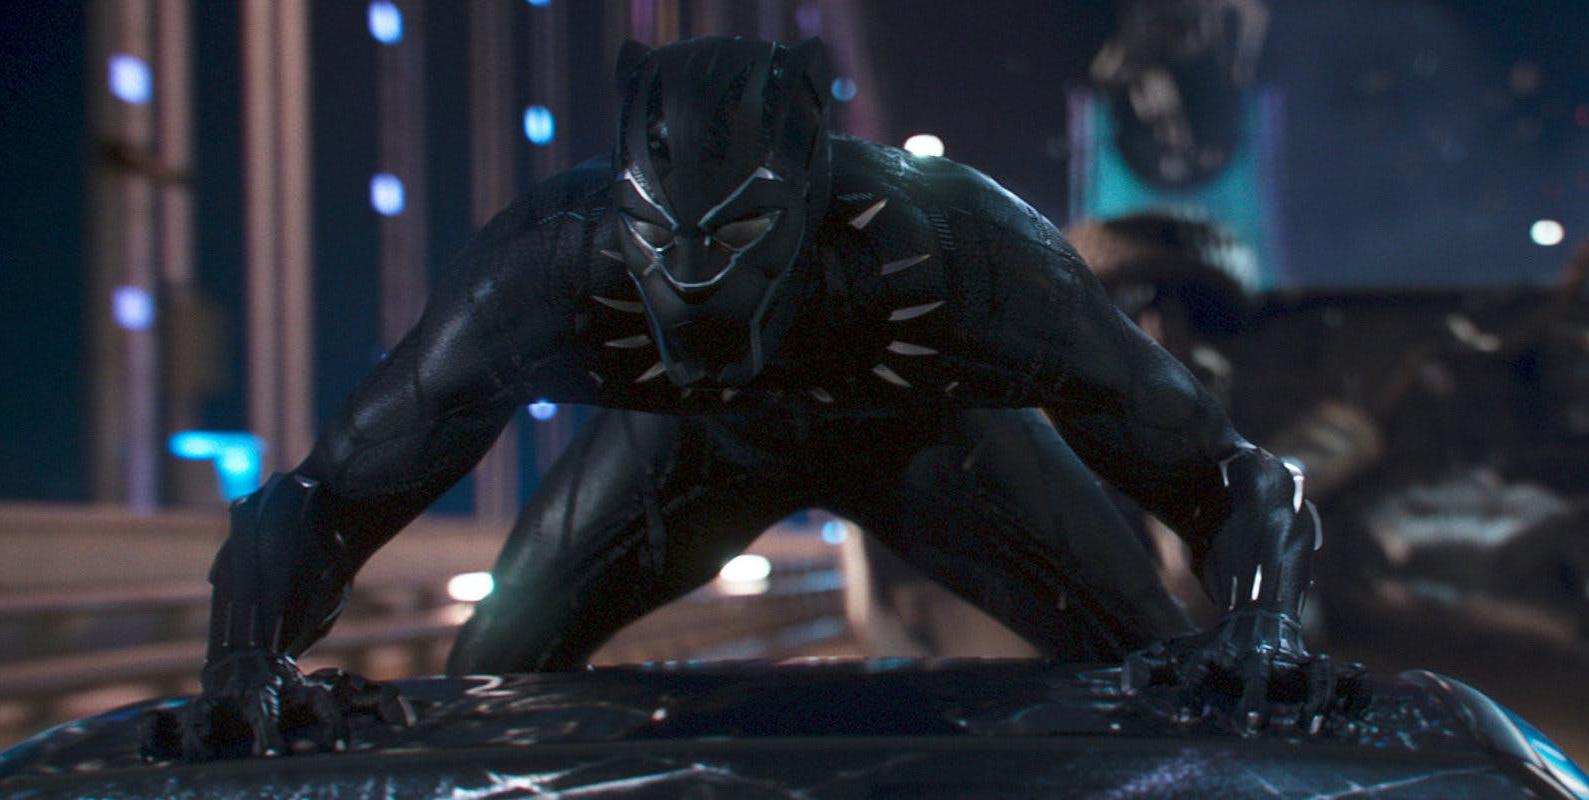 37. Black Panther